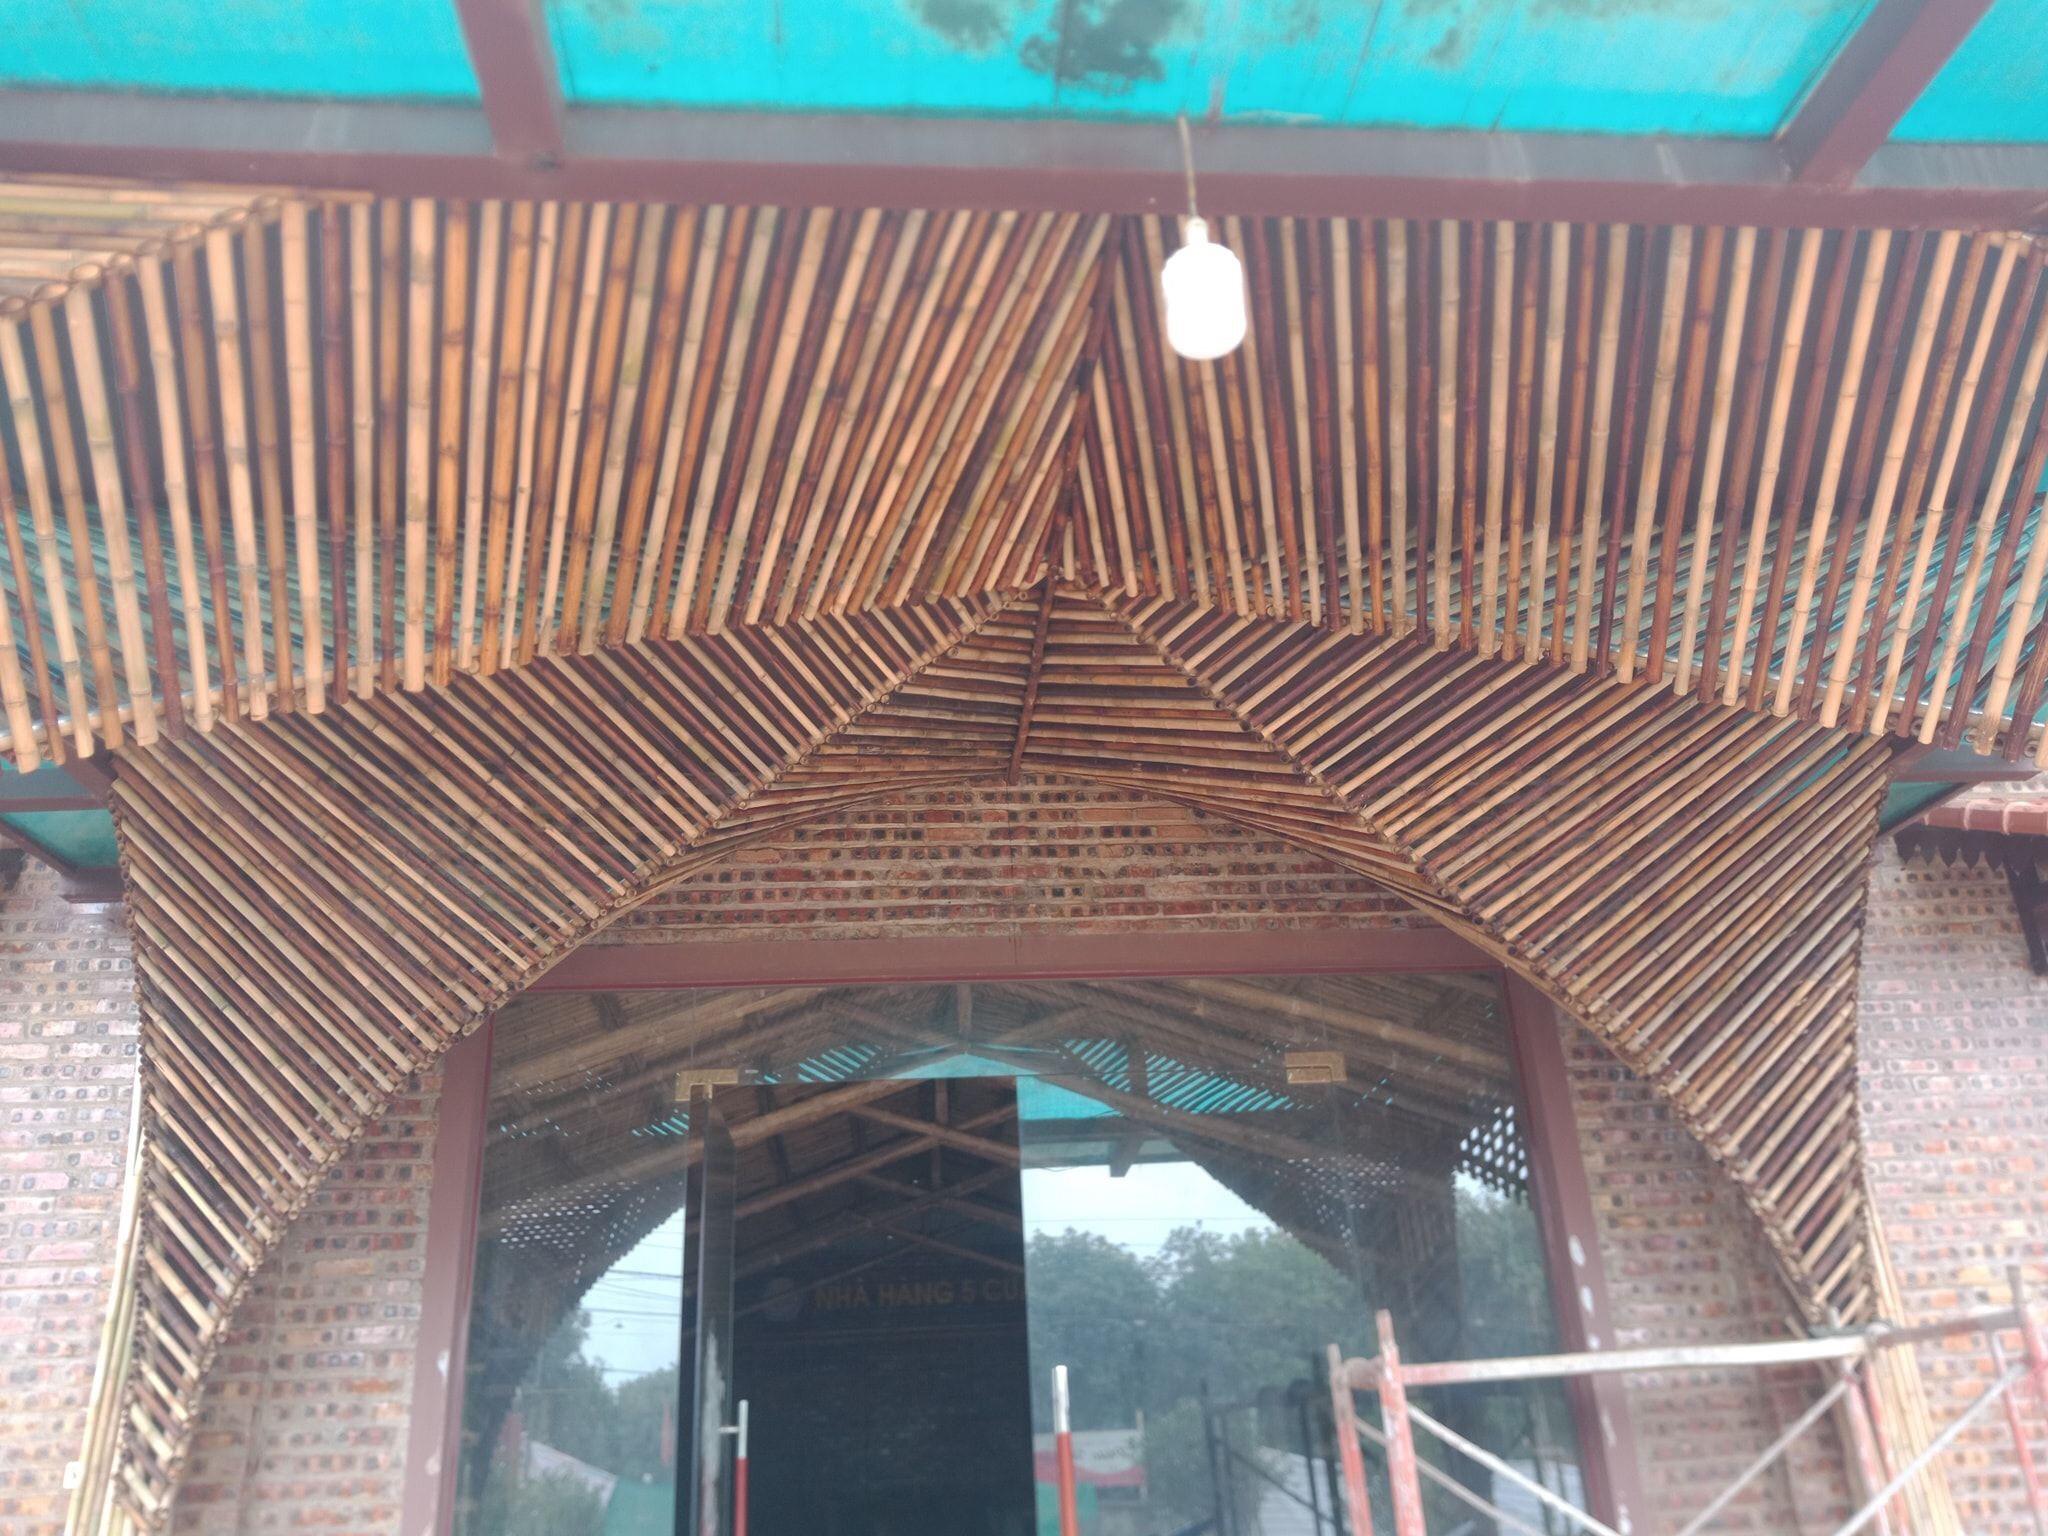 Tầm vông dùng cho trang trí các công trình lớn tại Sài Gòn